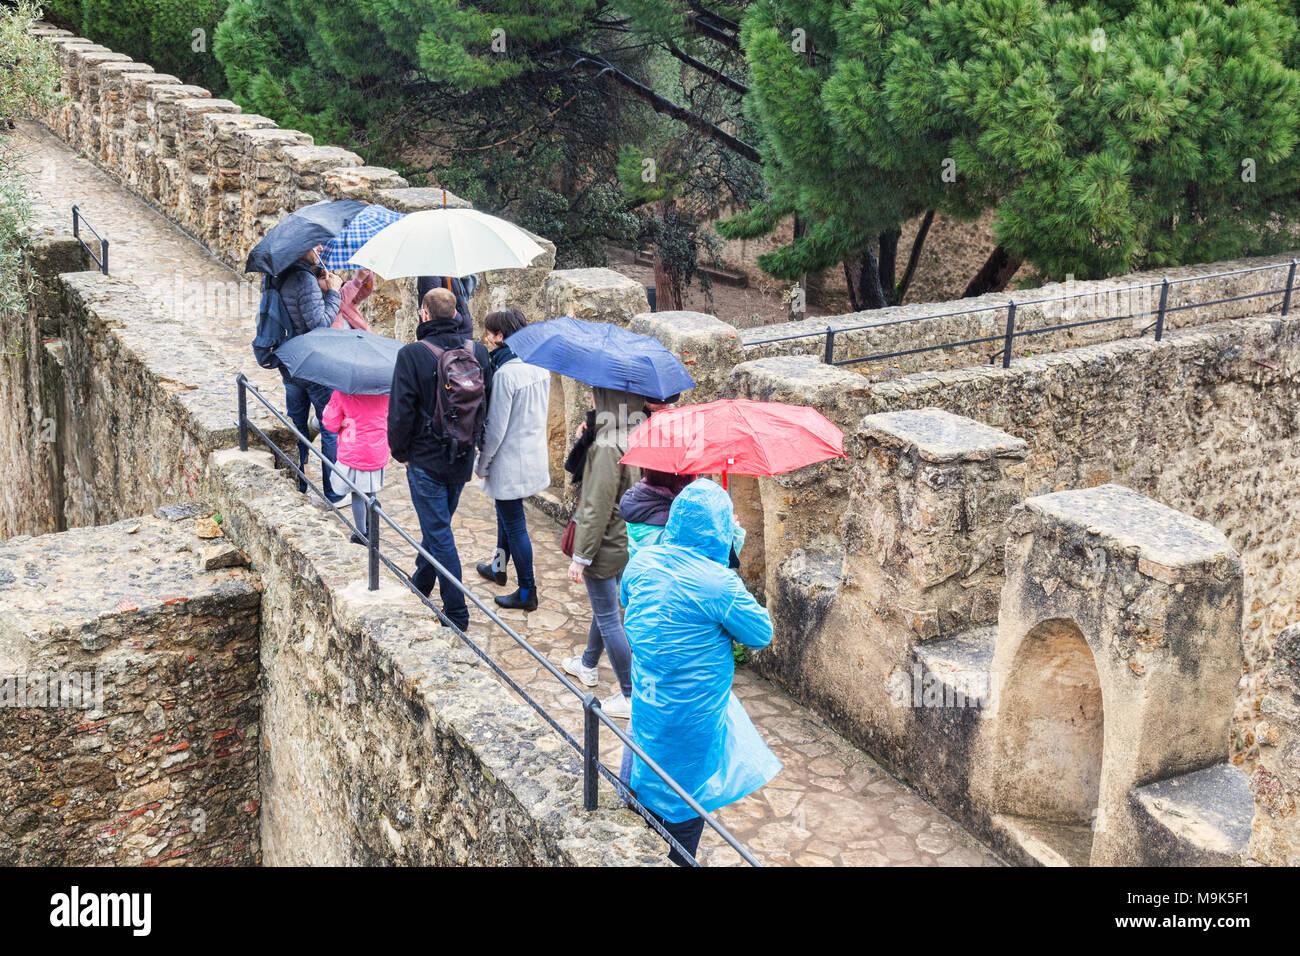 1 mars 2018: Lisbonne, Portugal - Les touristes avec des parasols sur les remparts de la Caste de Lisbonne, visite de la pluie. Photo Stock